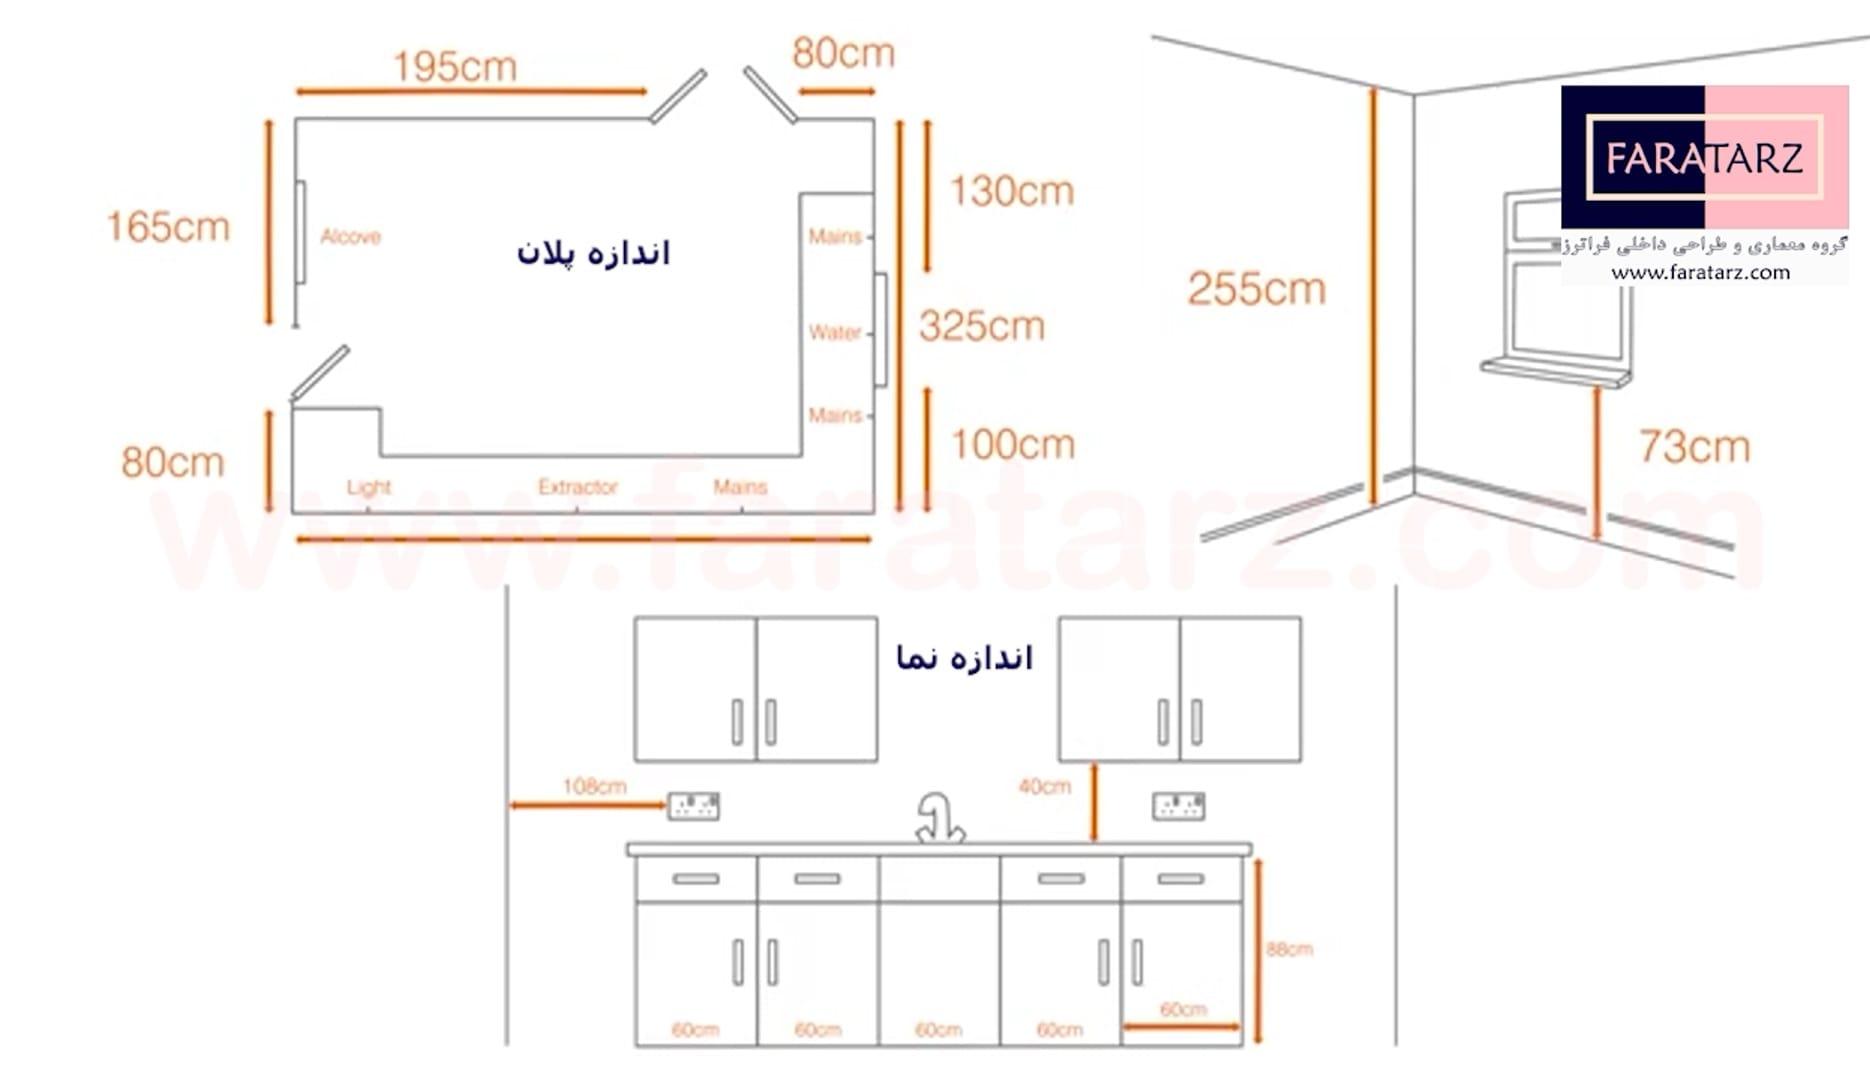 آموزش اندازه گیری متراژ خانه